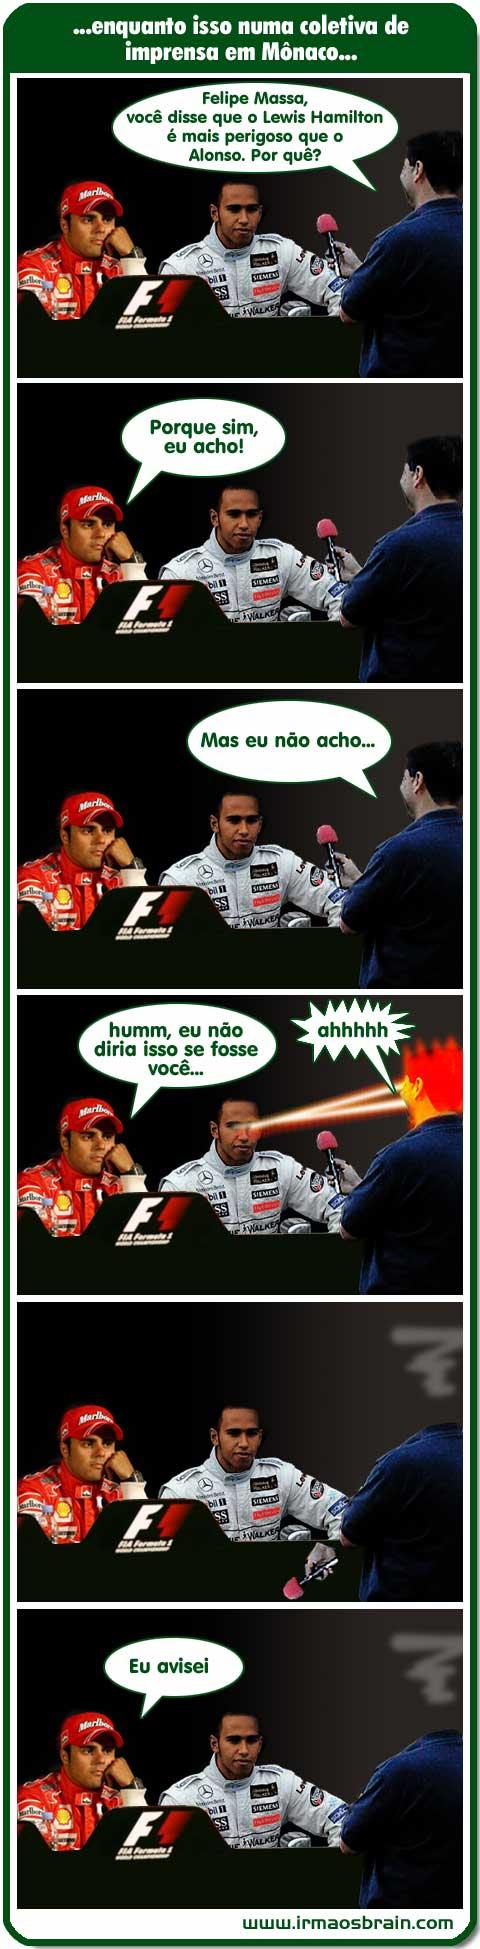 Enquanto isso em uma coletiva de imprensa em Mônaco... Felipe Massa, você disse que o Lewis Hamilton é mais perigoso que o Alonso. Por quê? Porque sim, eu acho! Mas eu não acho... Humm, eu não diria isso se fosse você... ahhhh Eu avisei....